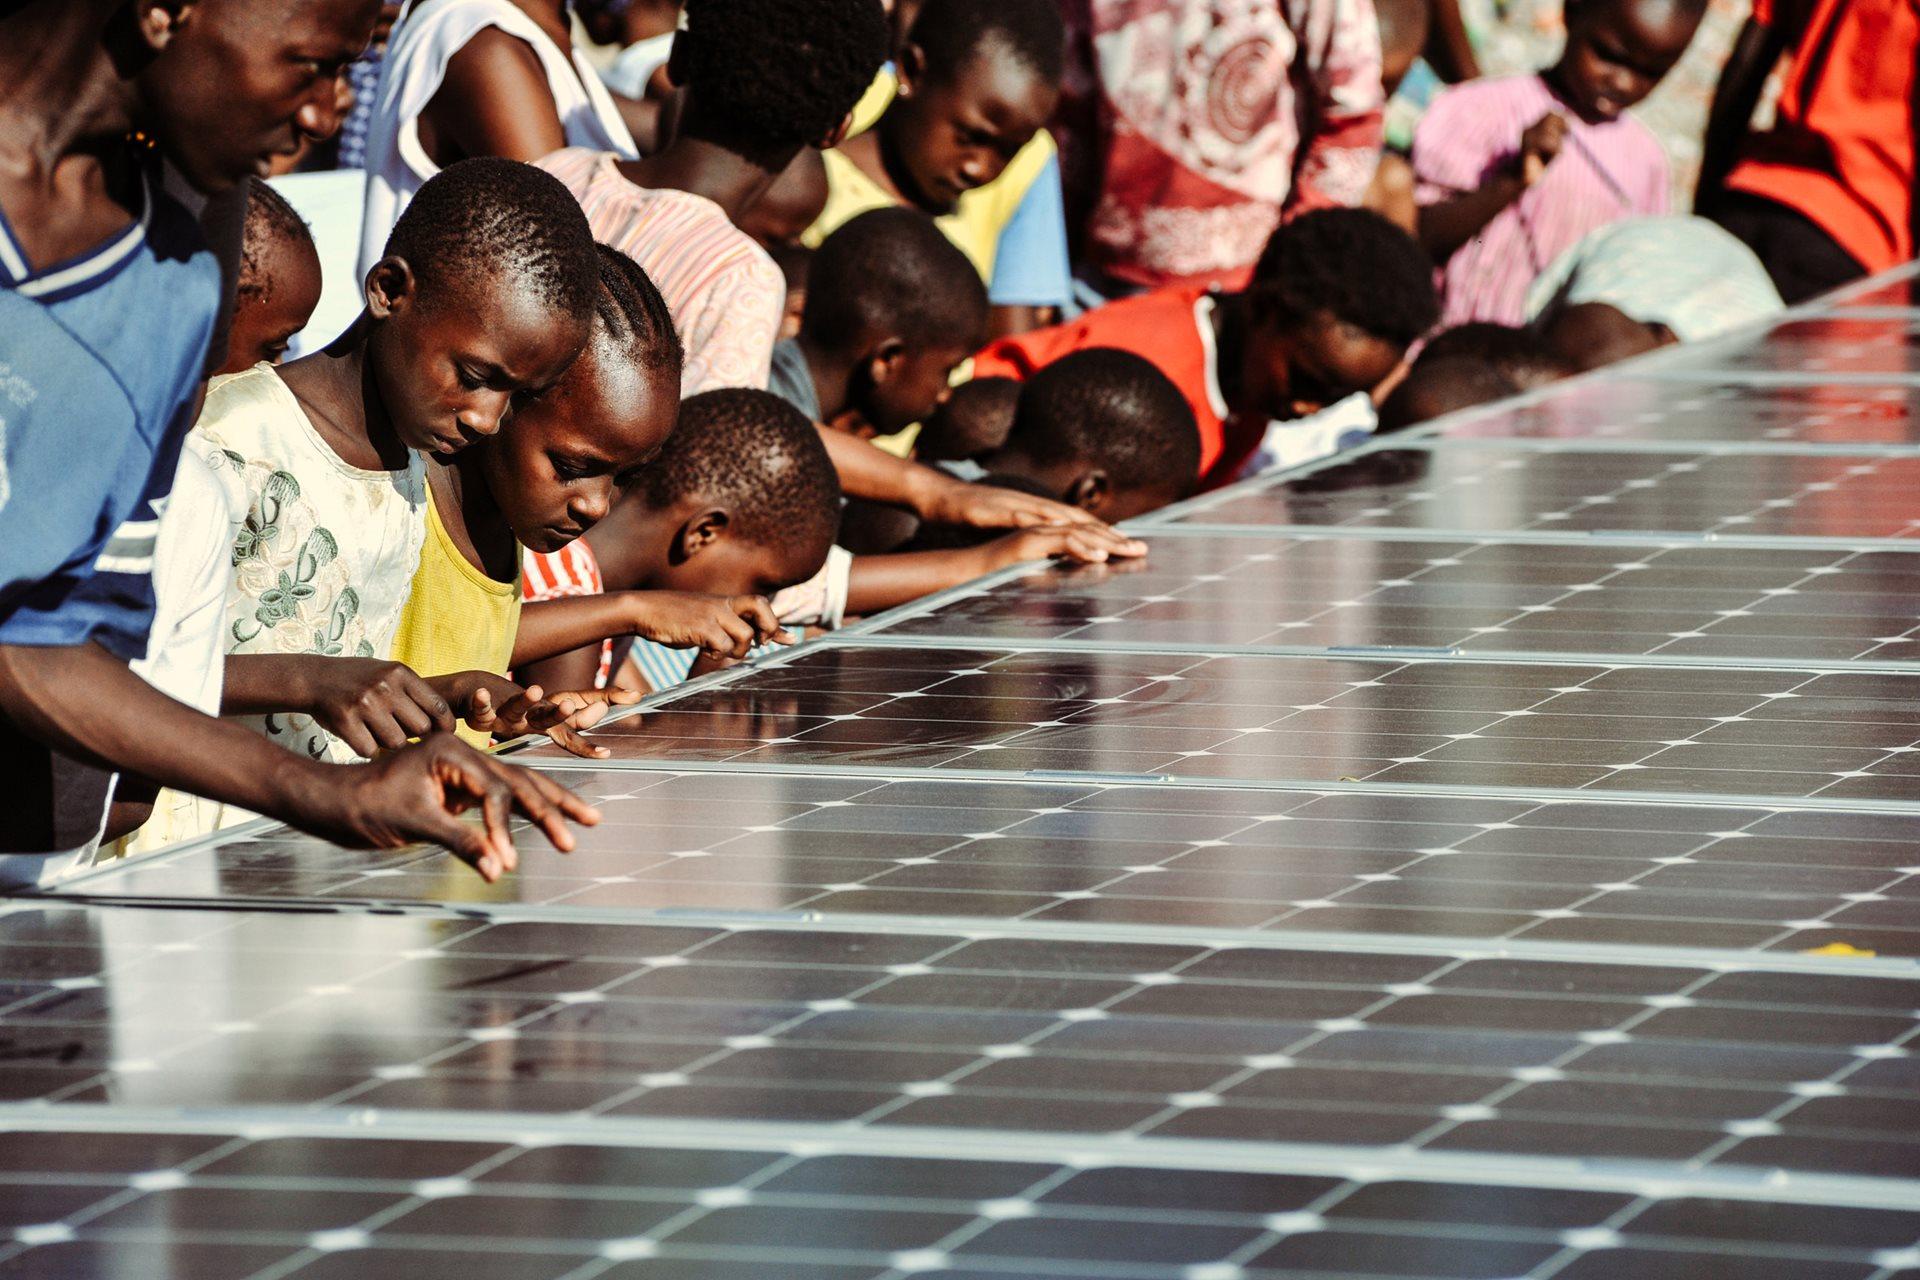 Ecologico, affidabile e redditizio a lungo termine: l'impianto fotovoltaico del villaggio dei bambini SOS di Mombasa, in Kenya